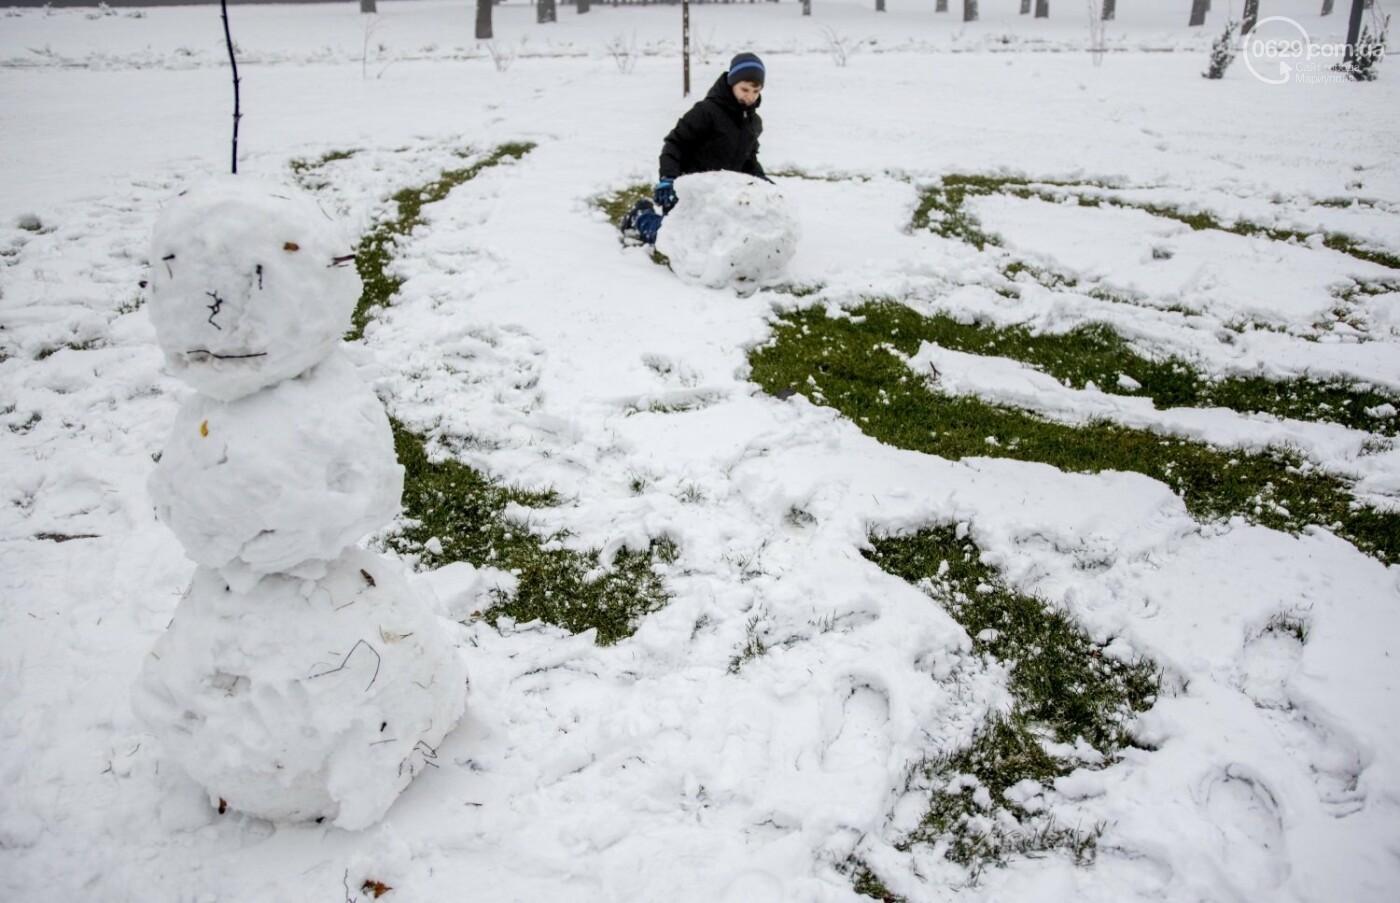 38 фотографий, одна ворона и одна синица... ФОТОРЕПОРТАЖ для тех, кто проспал первый настоящий снег, фото-26